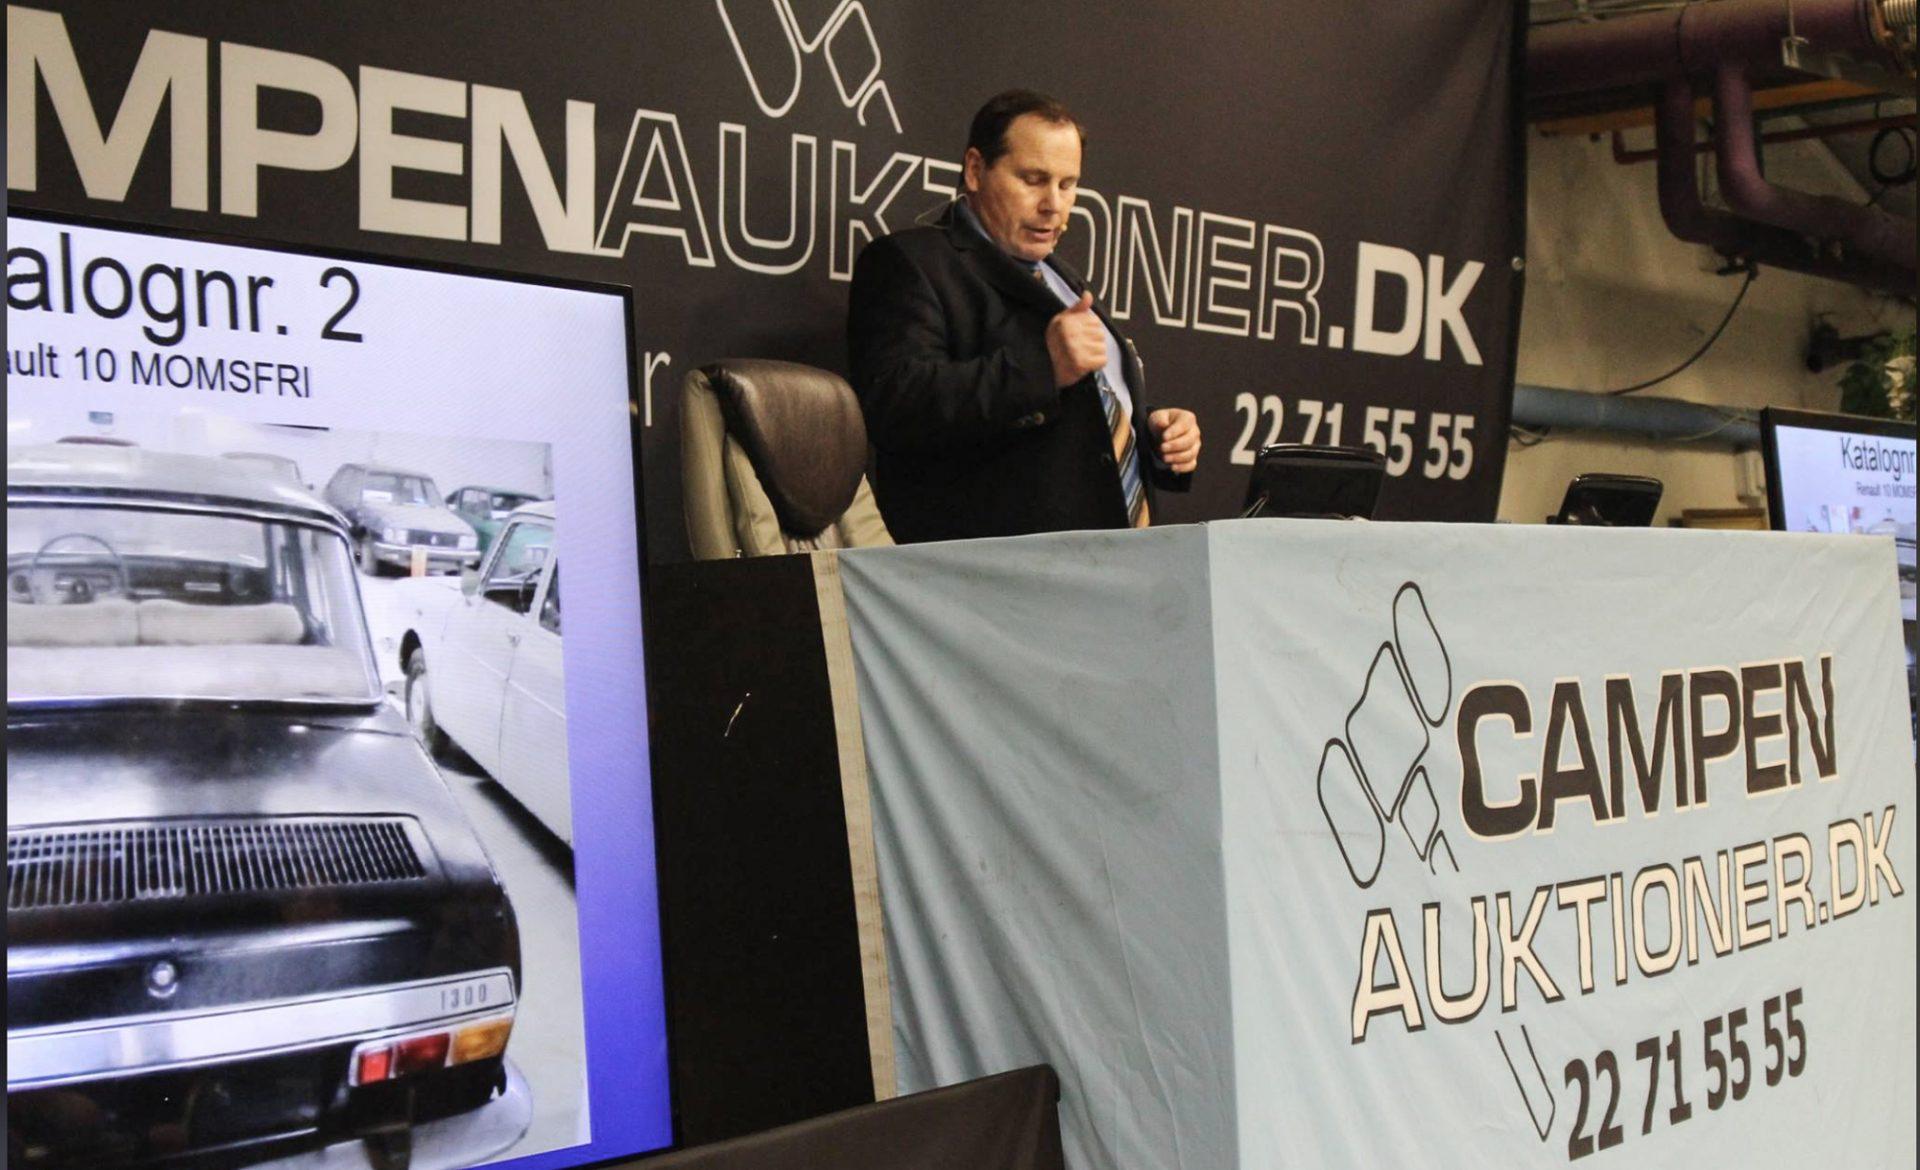 Online-succes i corona-krisen: Campen Auktioner oplever stor efterspørgsel